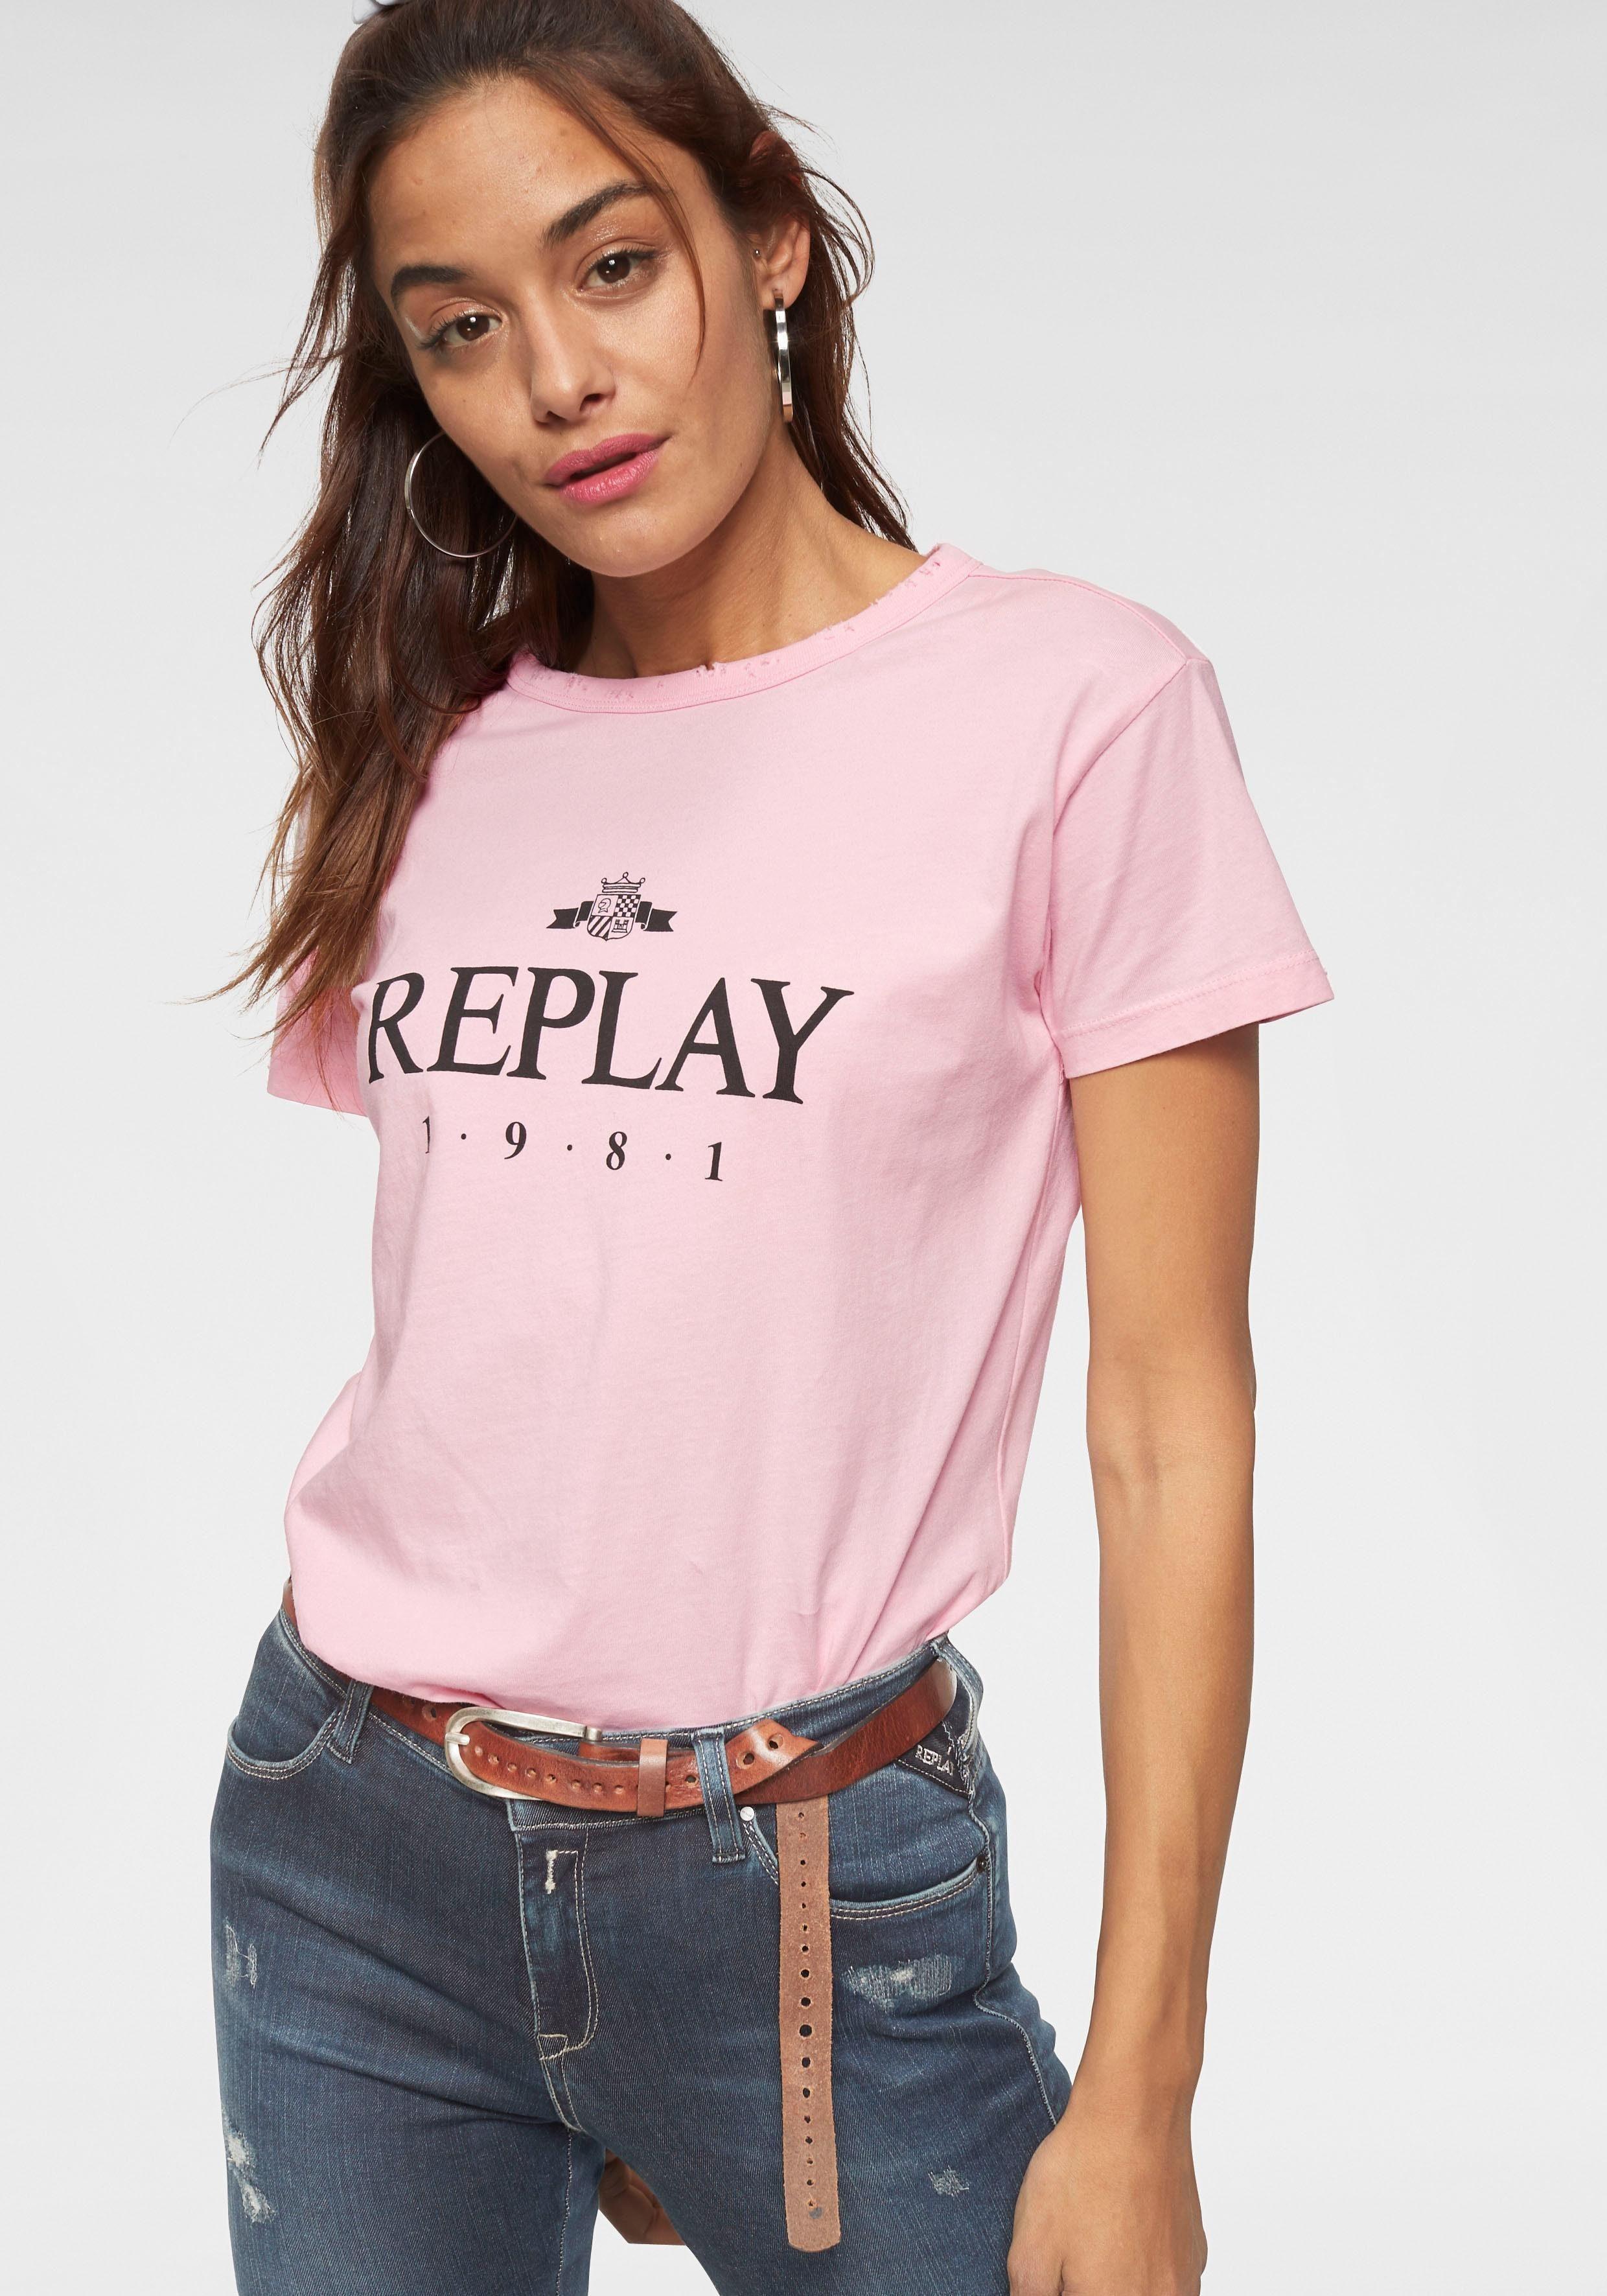 T Mit Markendruck Brusthöhe Auf shirt Replay OmNwyvn08